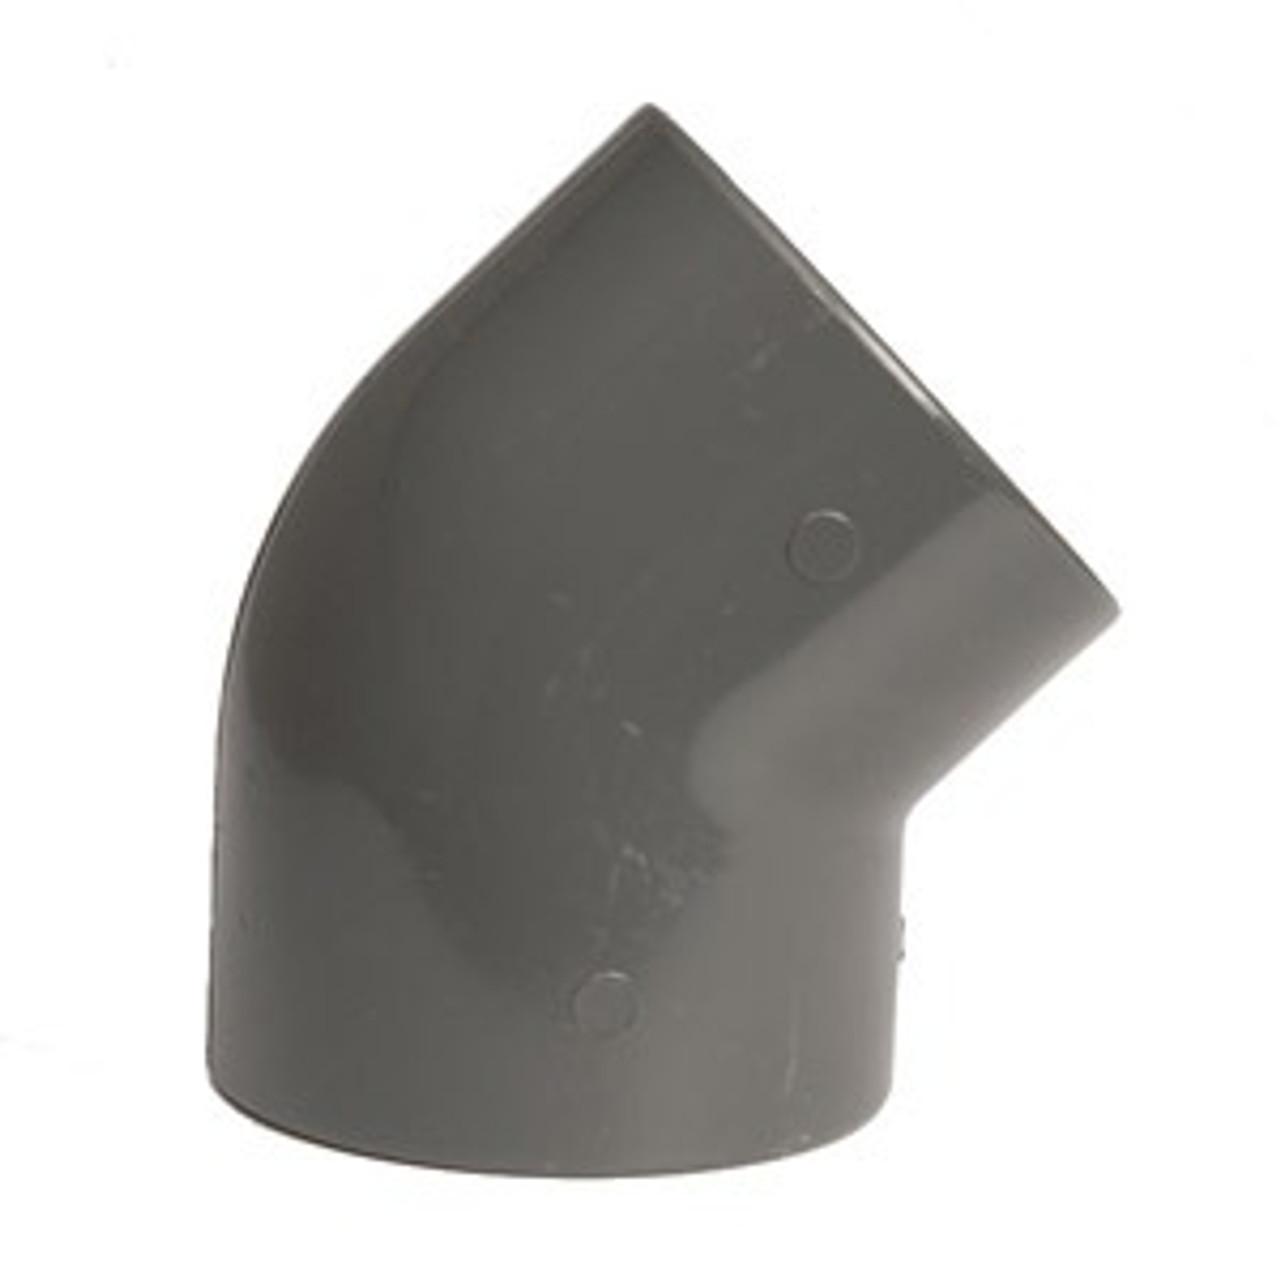 +GF+   Elbow 45 PVC-U  50mm (721150110)